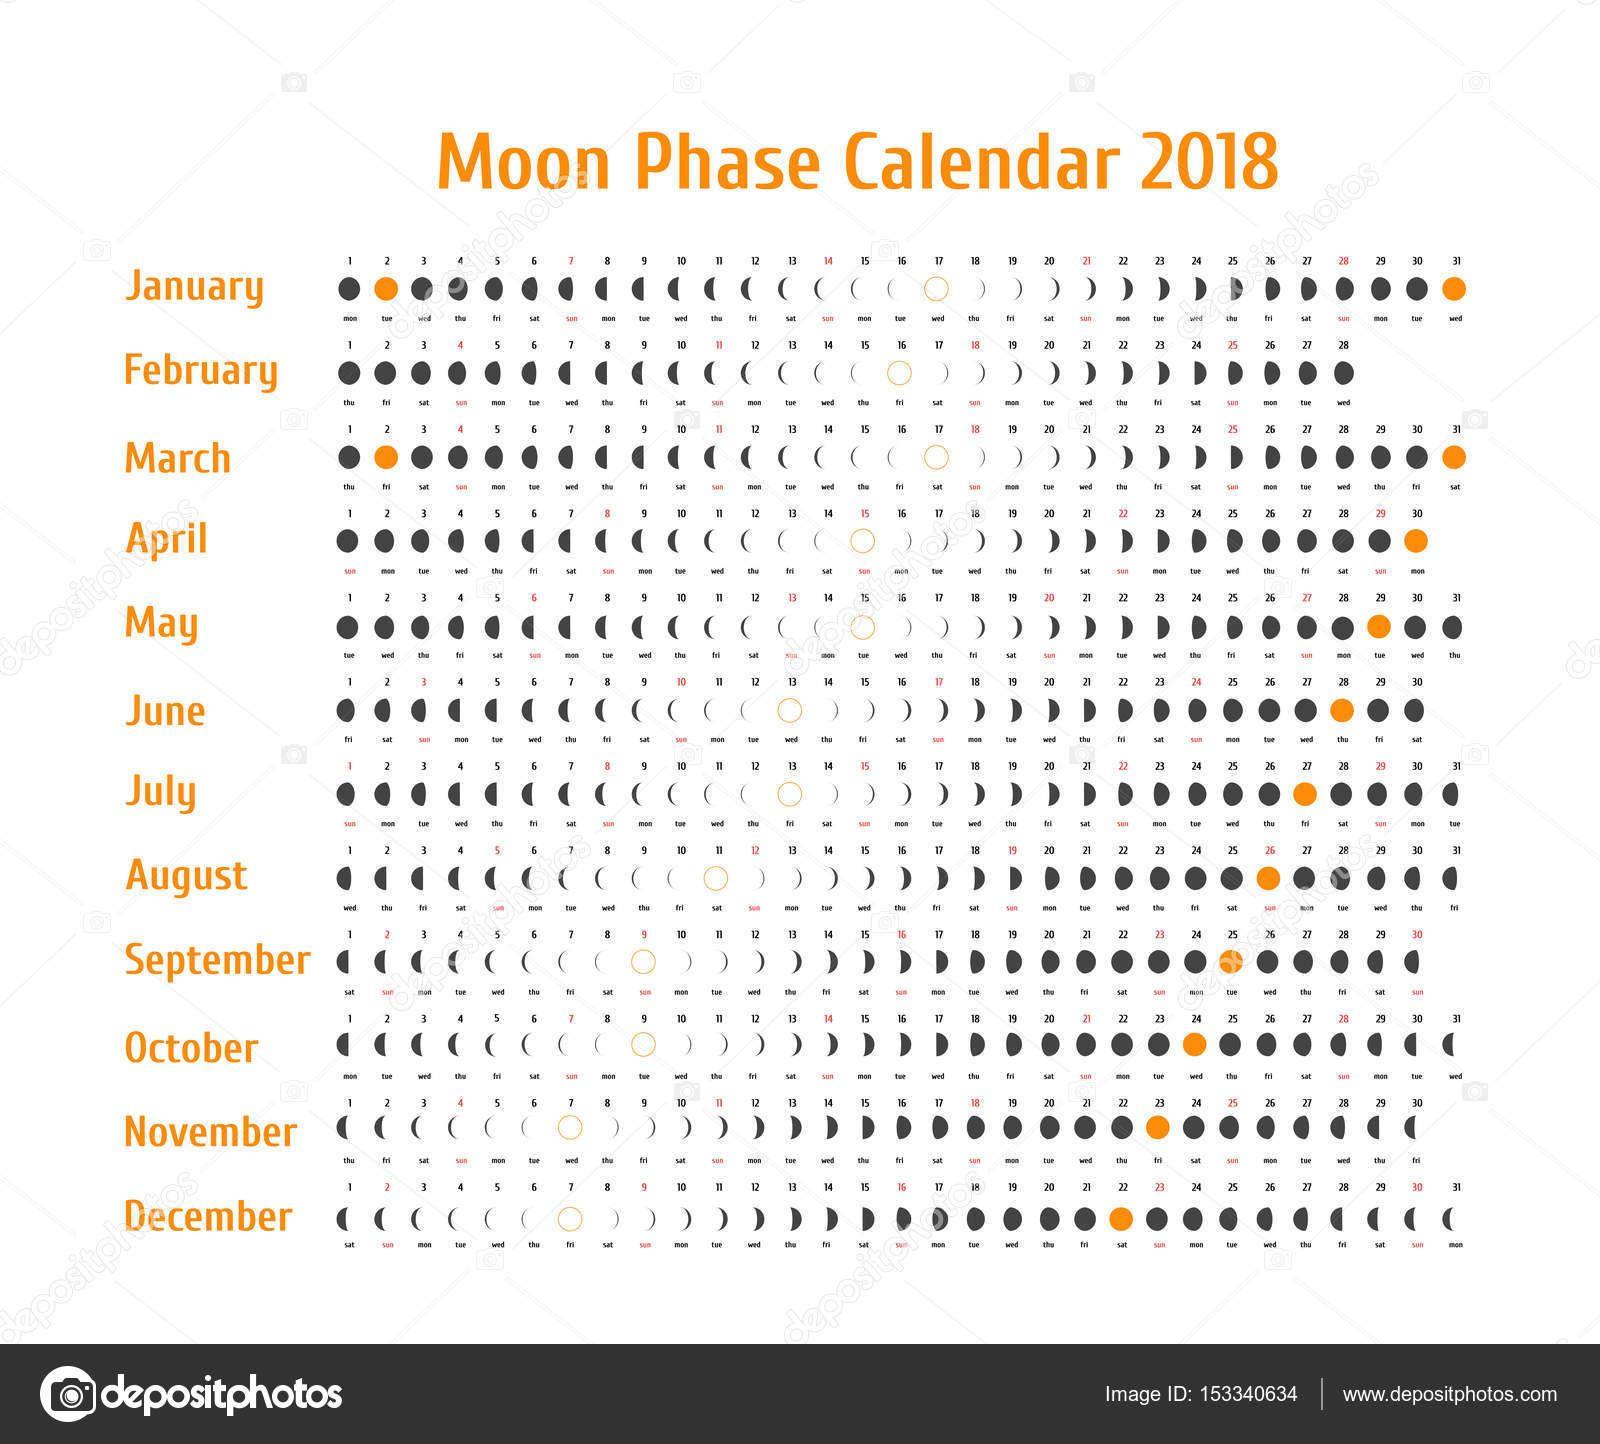 Calendario Astrologico De Vetor Para 2018 Calendario Da Fase Da Lua Para Cinza Escuro Sobre Um Fundo Branco Calendario Lu Fases Da Lua Calendario Lunar Datas